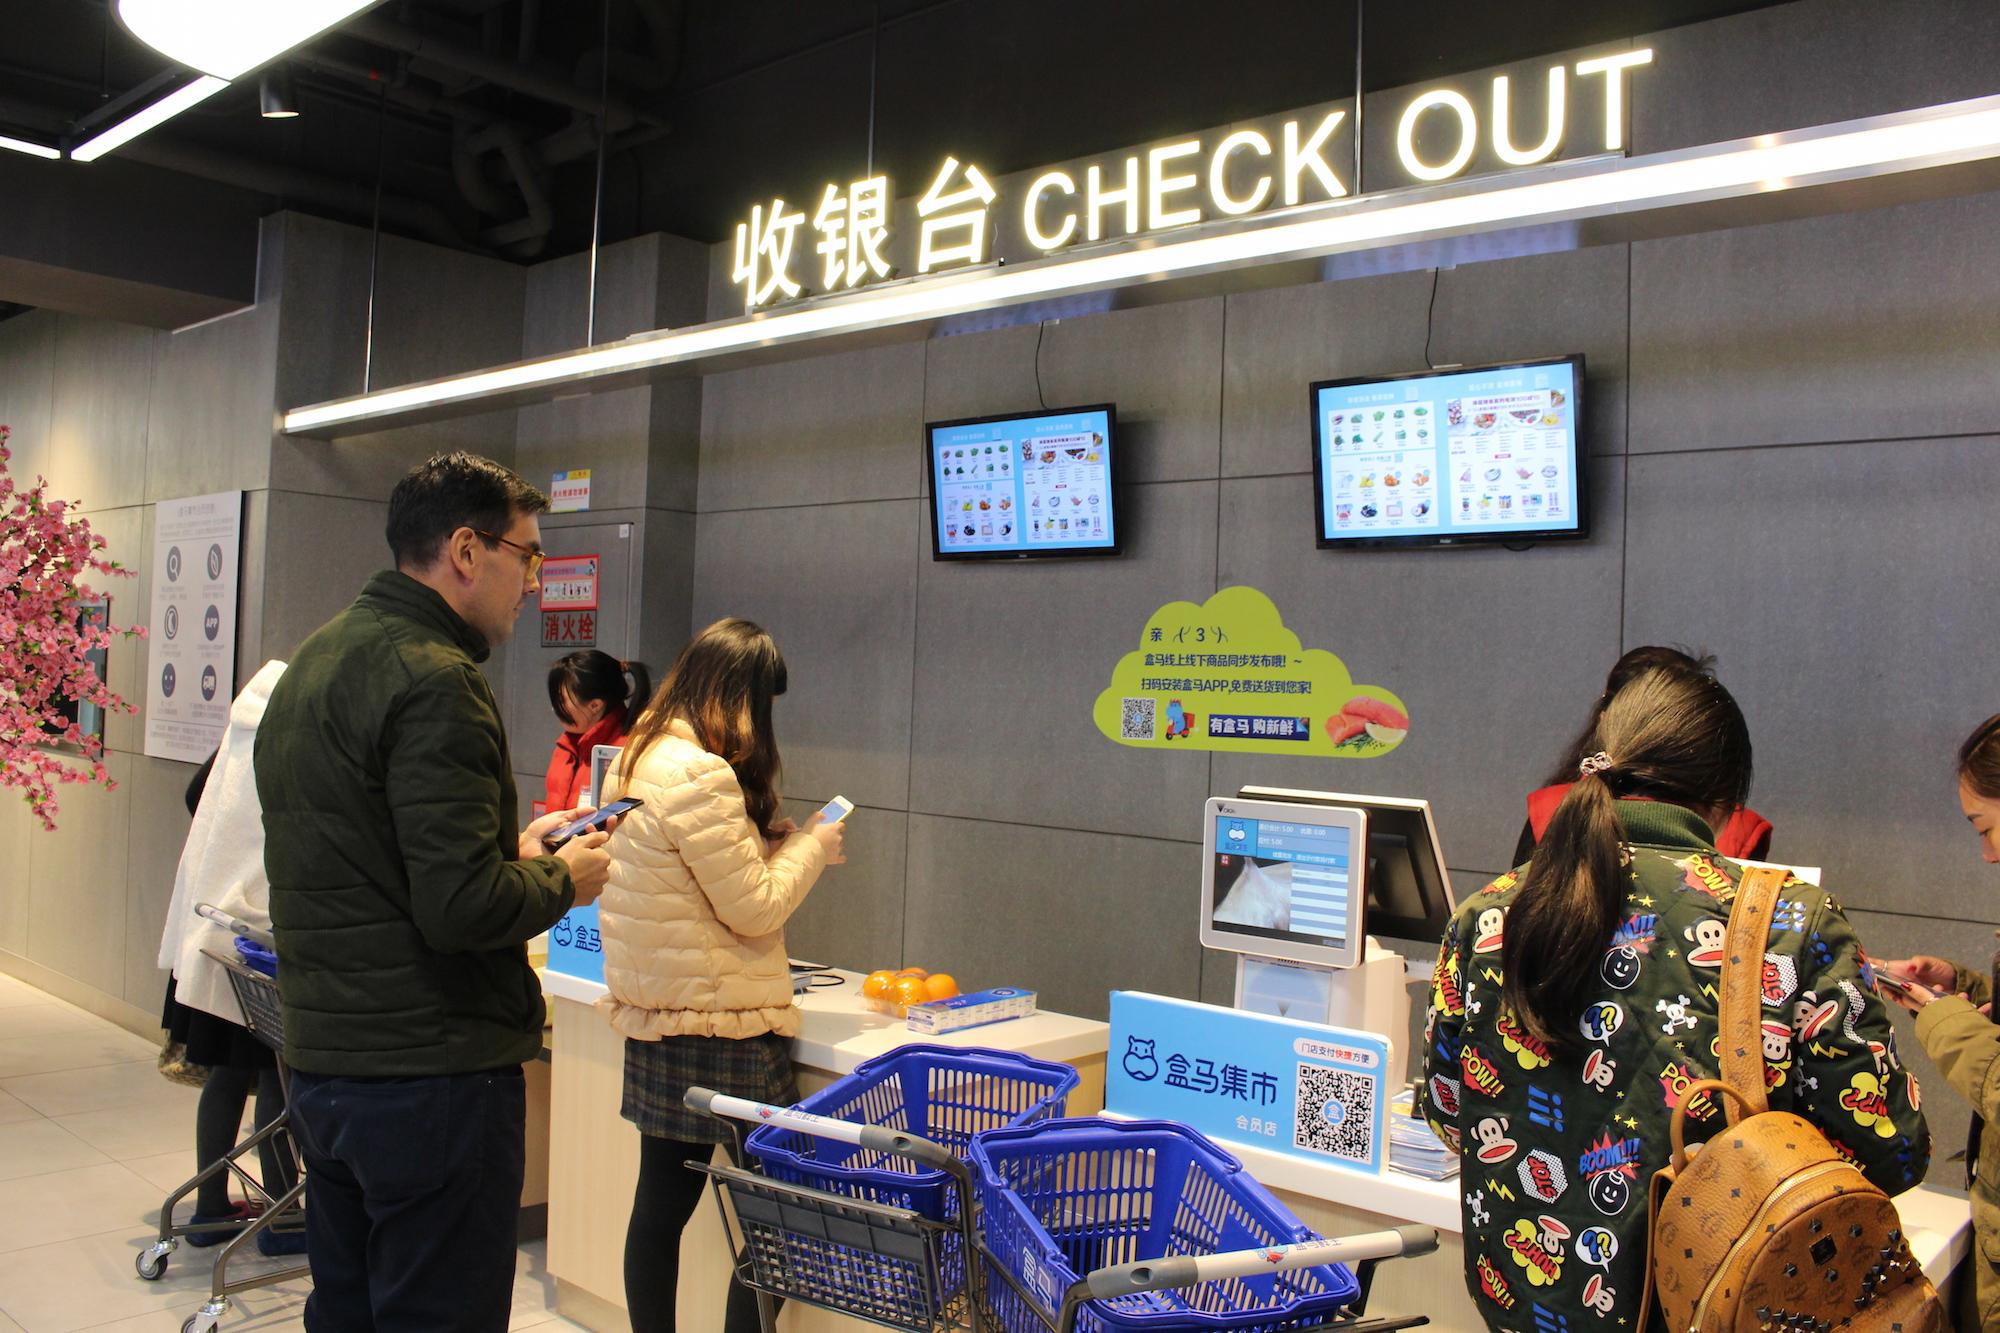 hema asia check out - Supermercado chino de Alibaba reinventa la forma de comprar